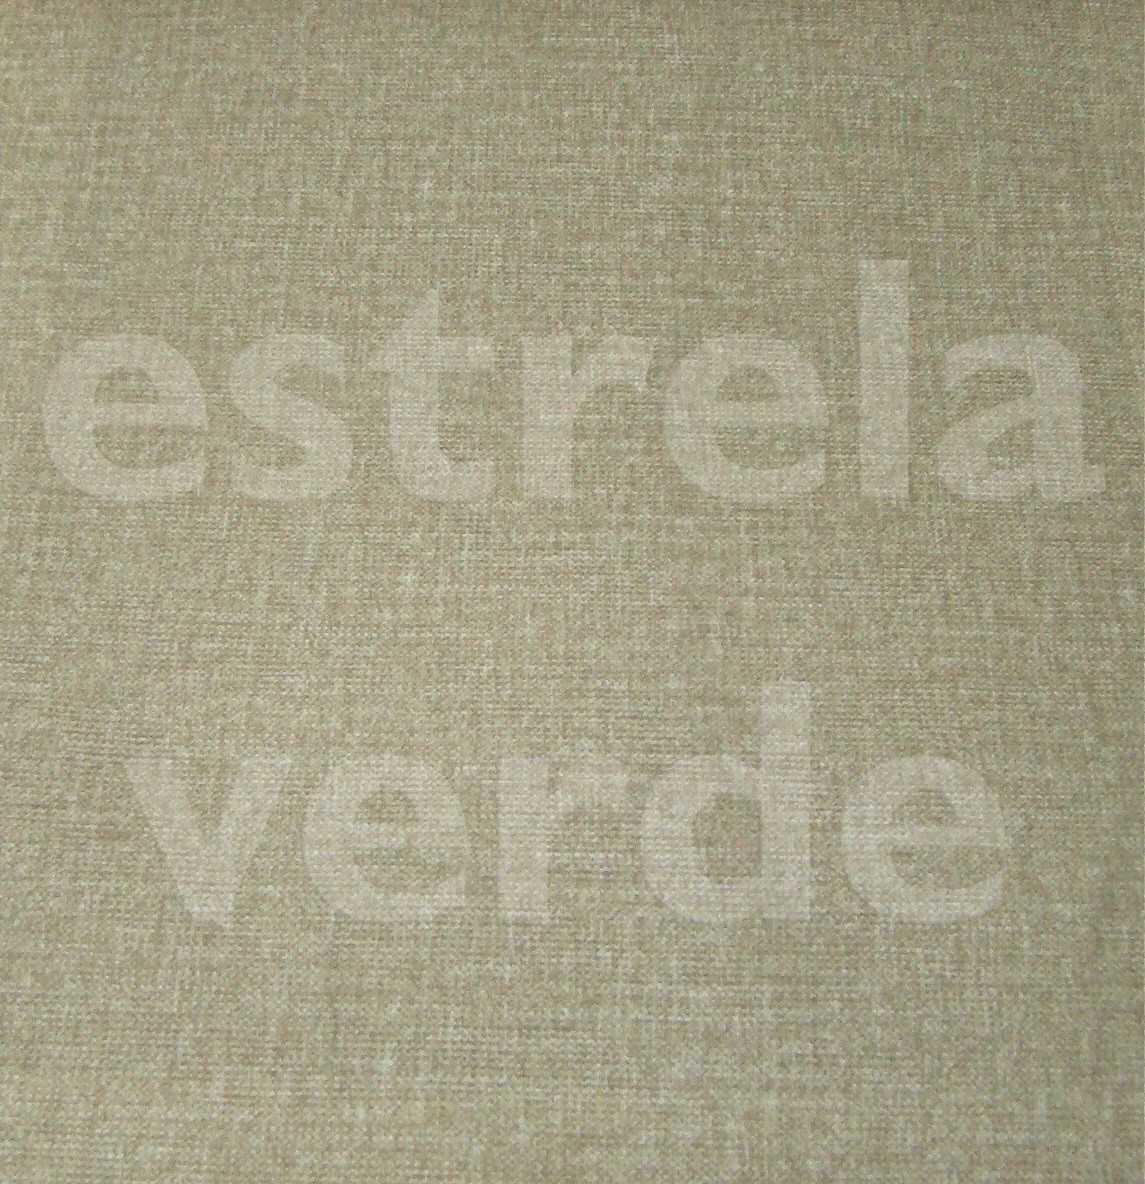 SUEDE BRUXELAS BEGE (107-42) (DESCONTINUADO)  - Estrela Verde